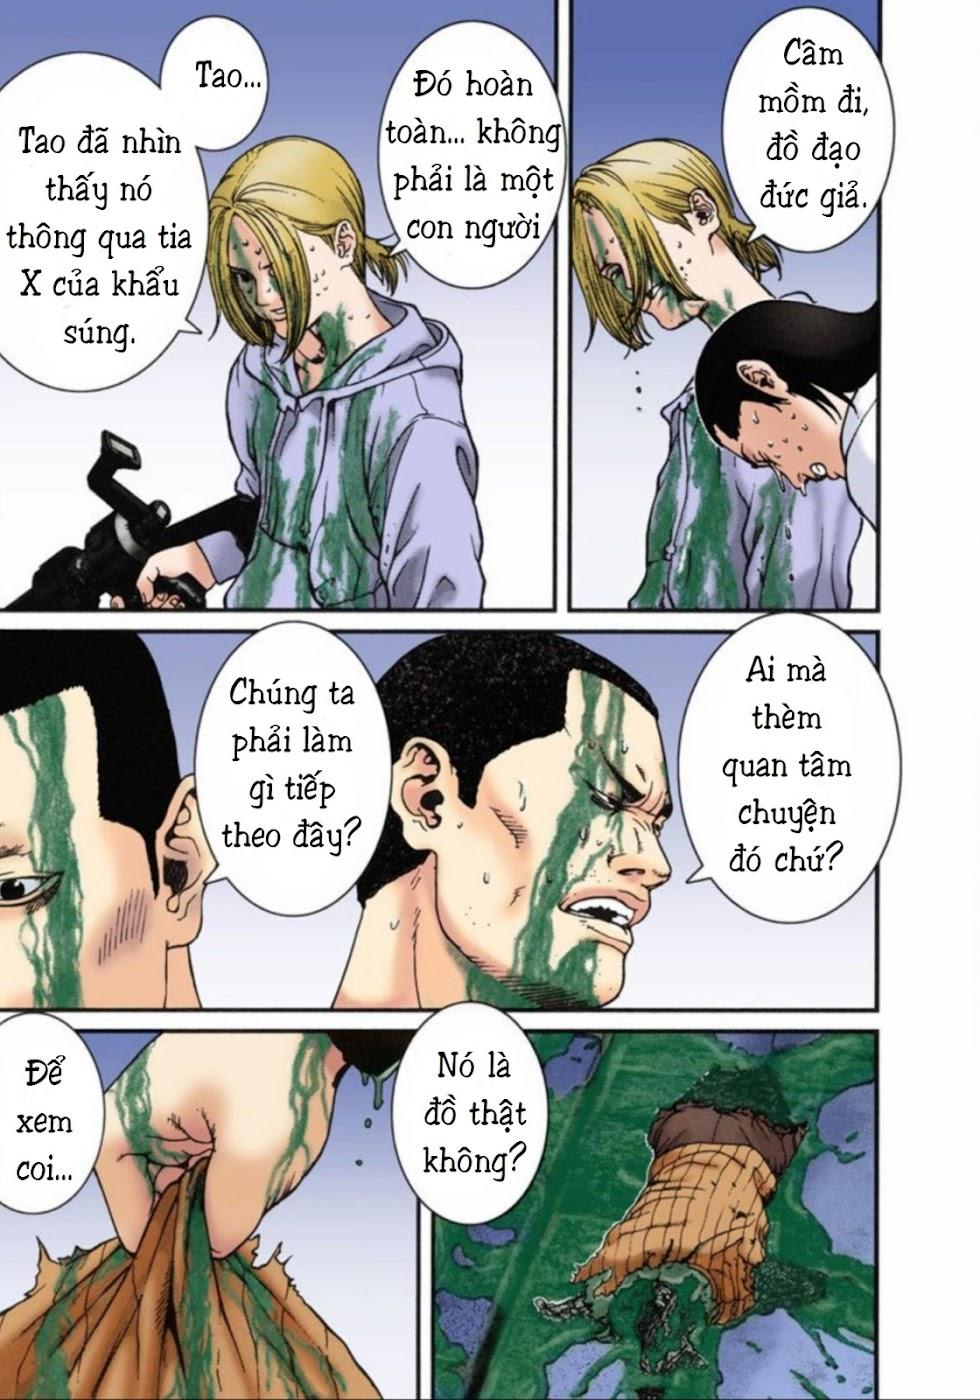 Gantz Chap 09: Thí nghiệm EichMann trang 5